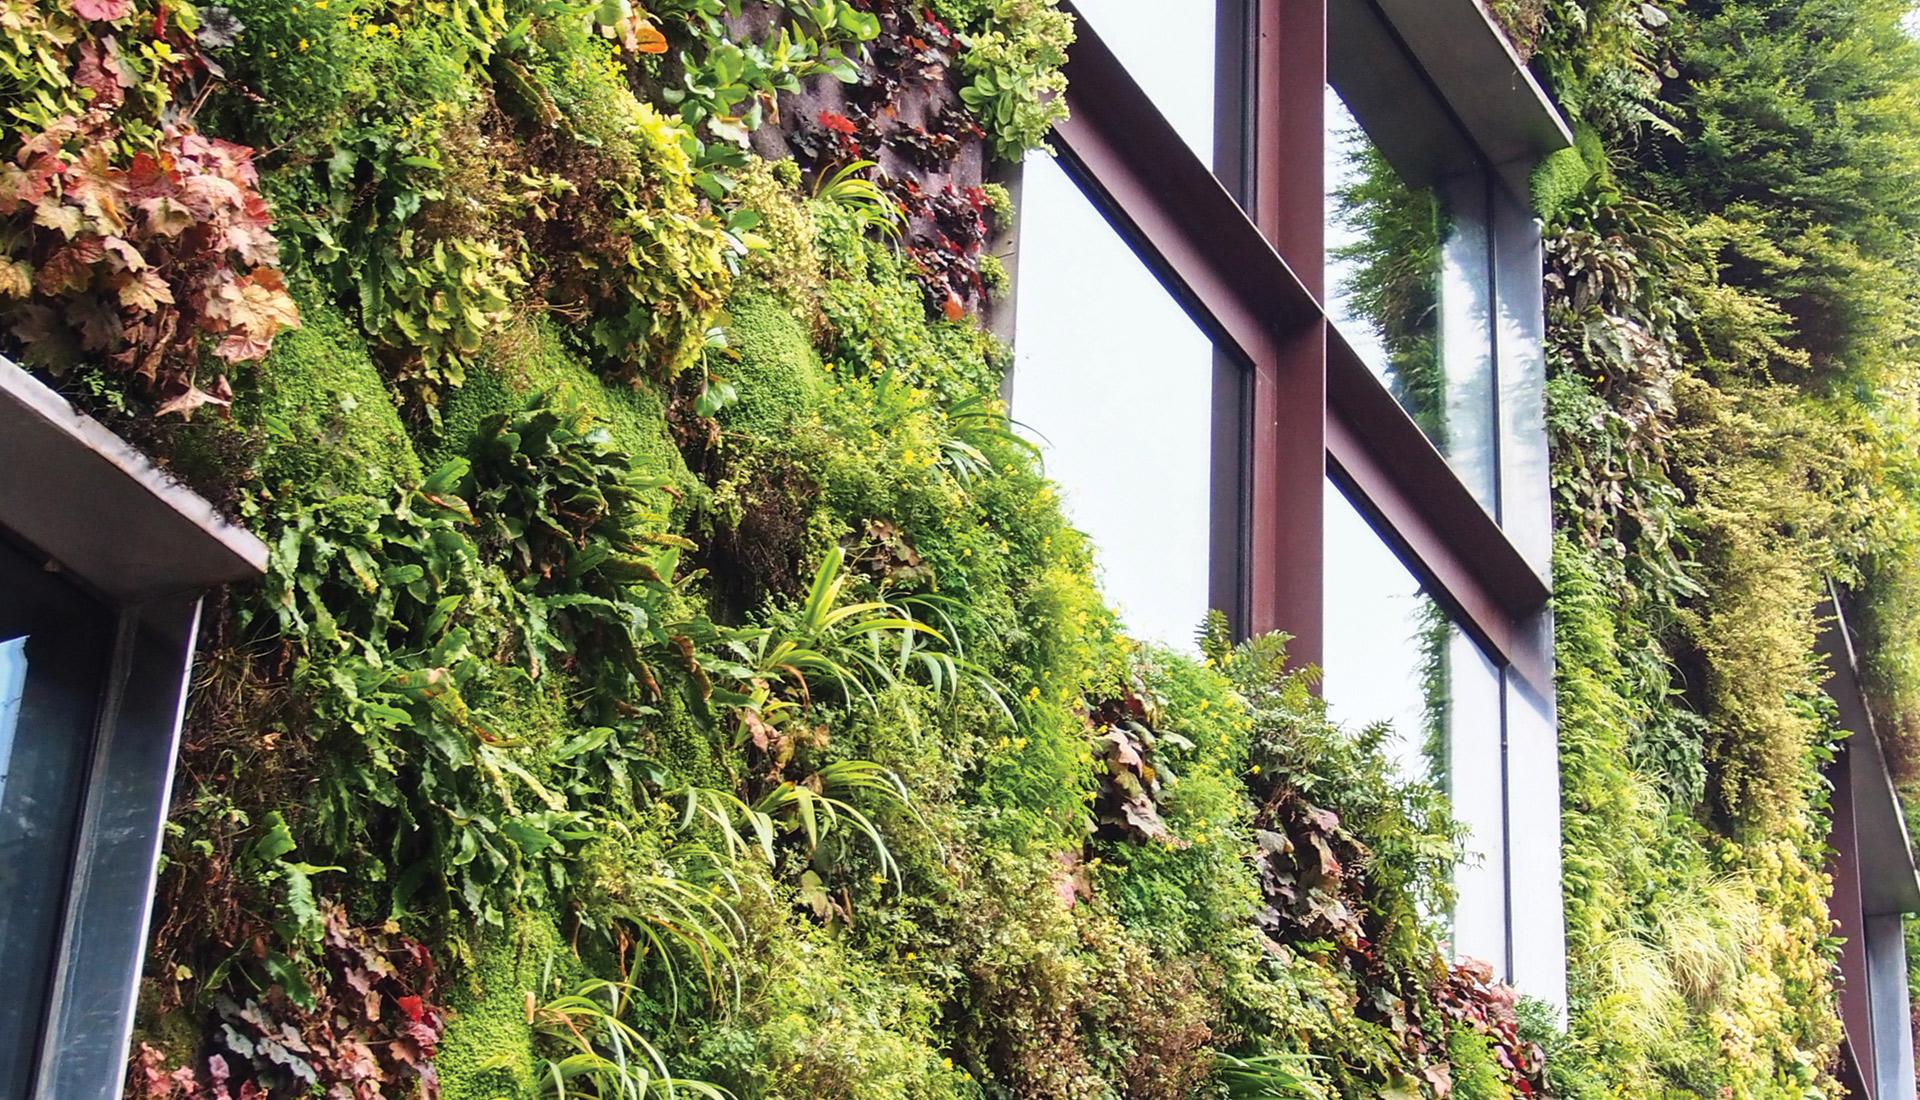 servizi_background_giardino-verticale